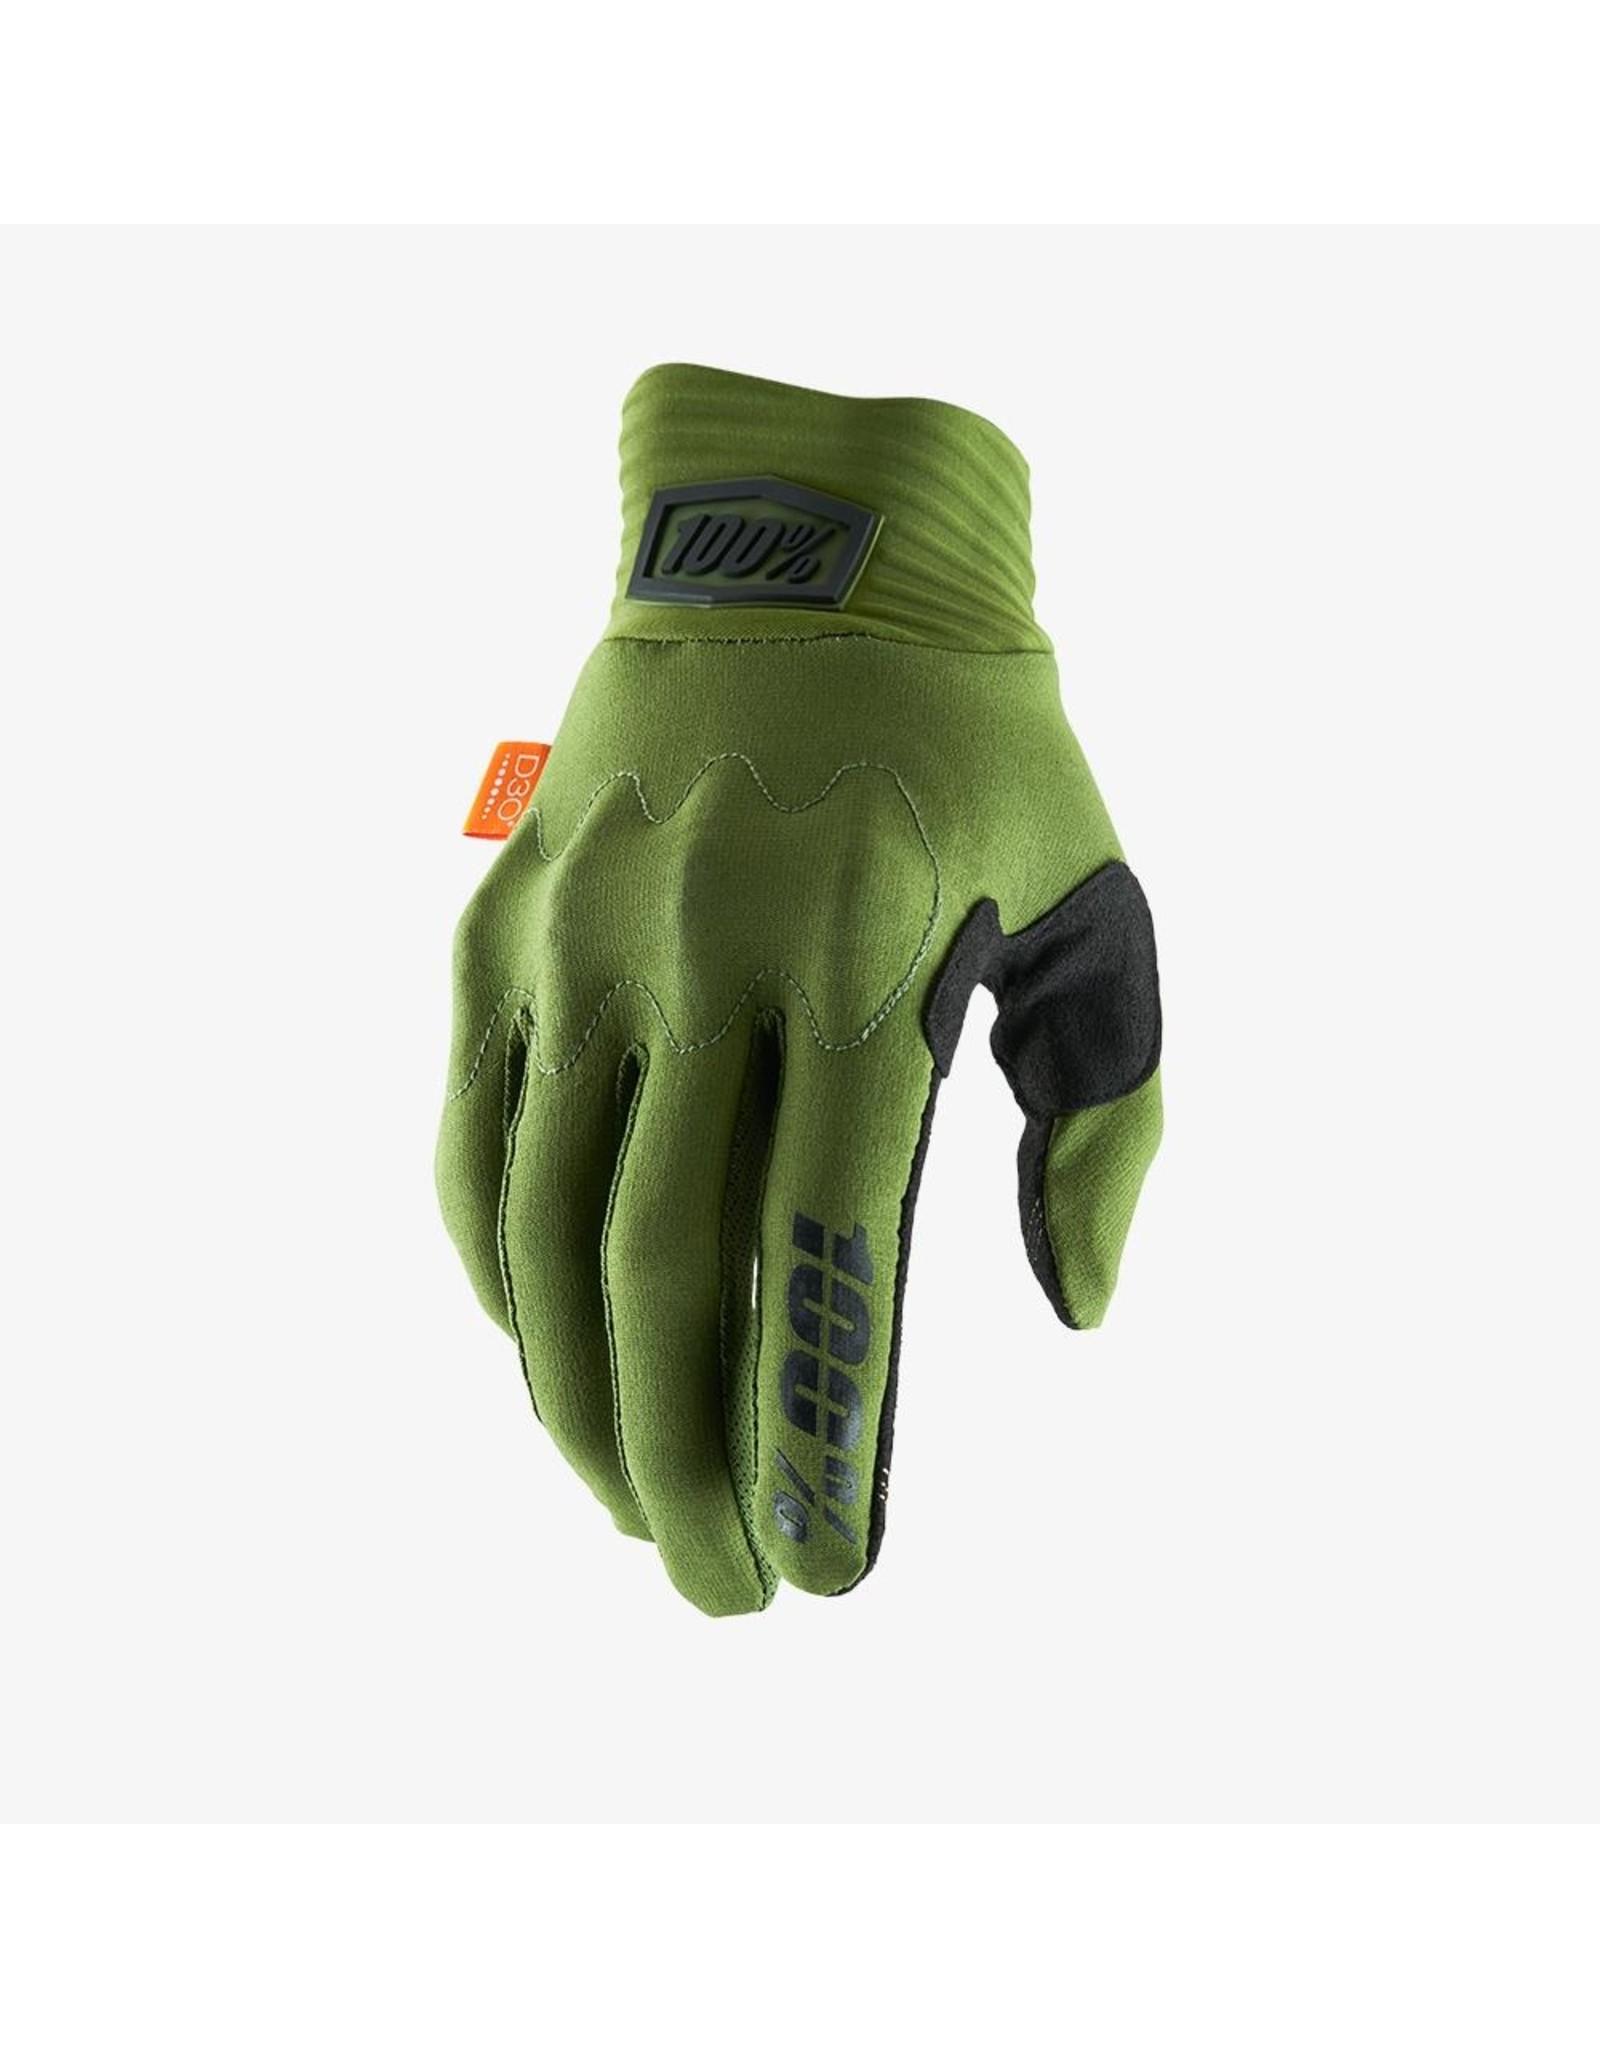 100% Cognito Glove